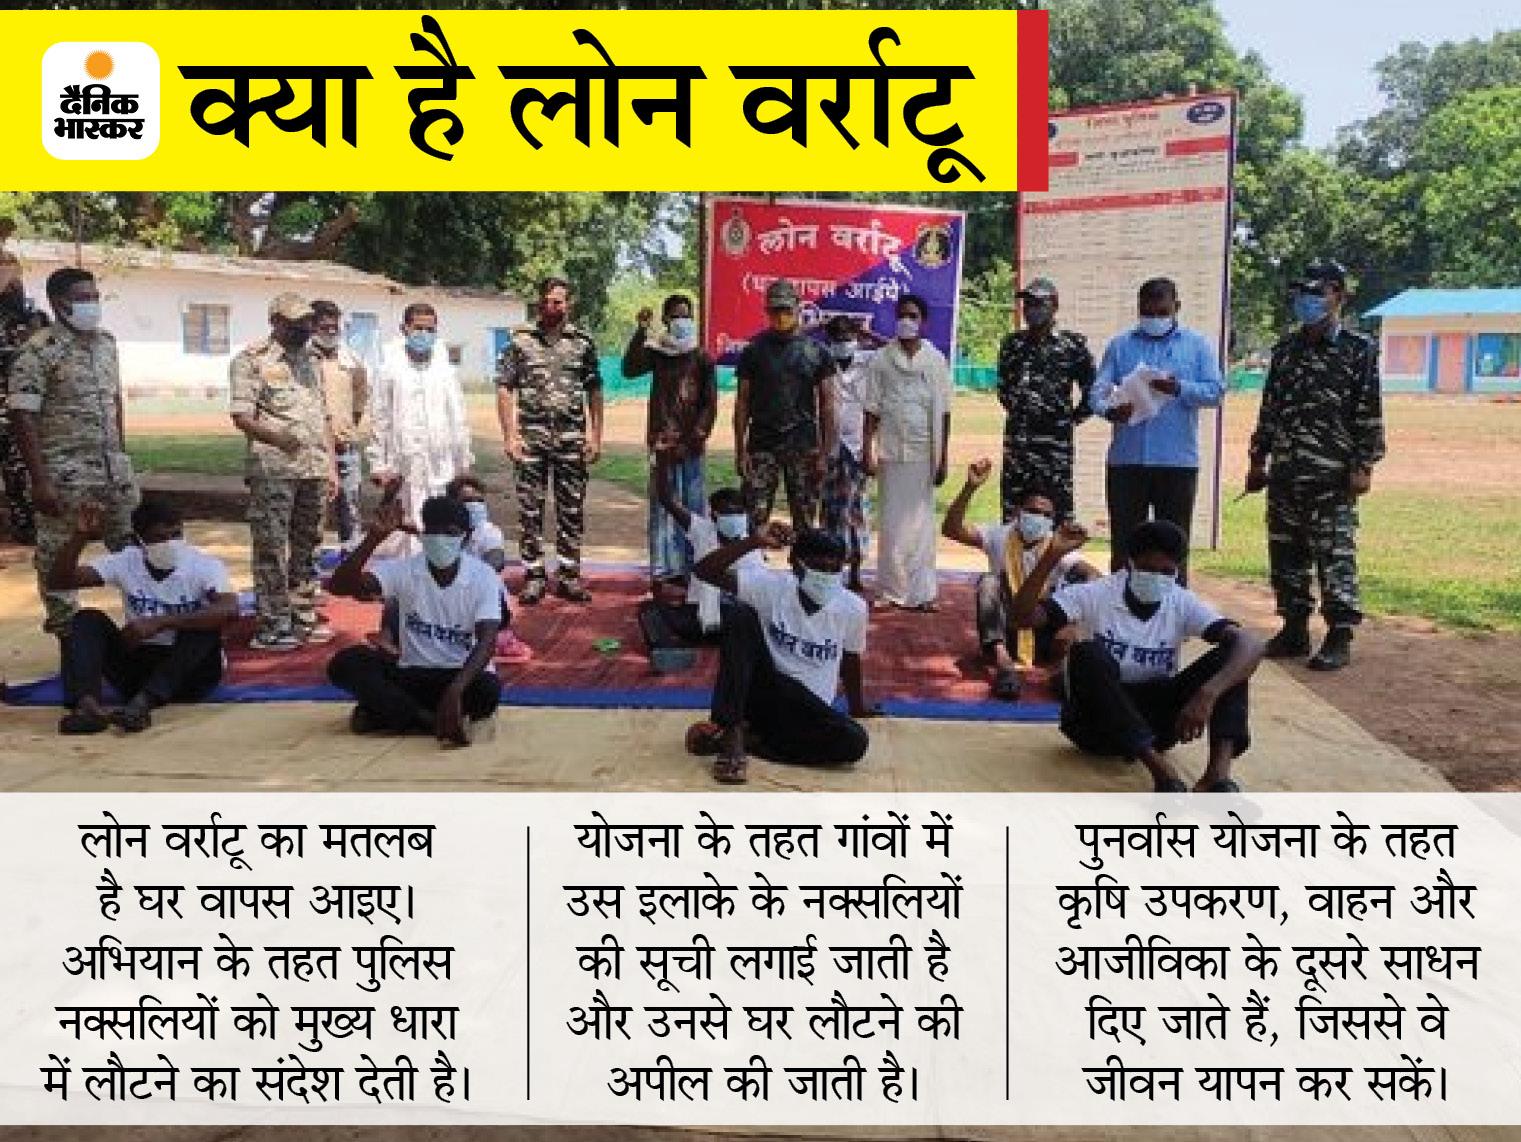 दंतेवाड़ा में एक लाख रुपए के इनामी सहित 7 नक्सलियों ने CRPF कैंप में किया सरेंडर; दिलाई गई मुख्यधारा में लौटने की शपथ|छत्तीसगढ़,Chhattisgarh - Dainik Bhaskar